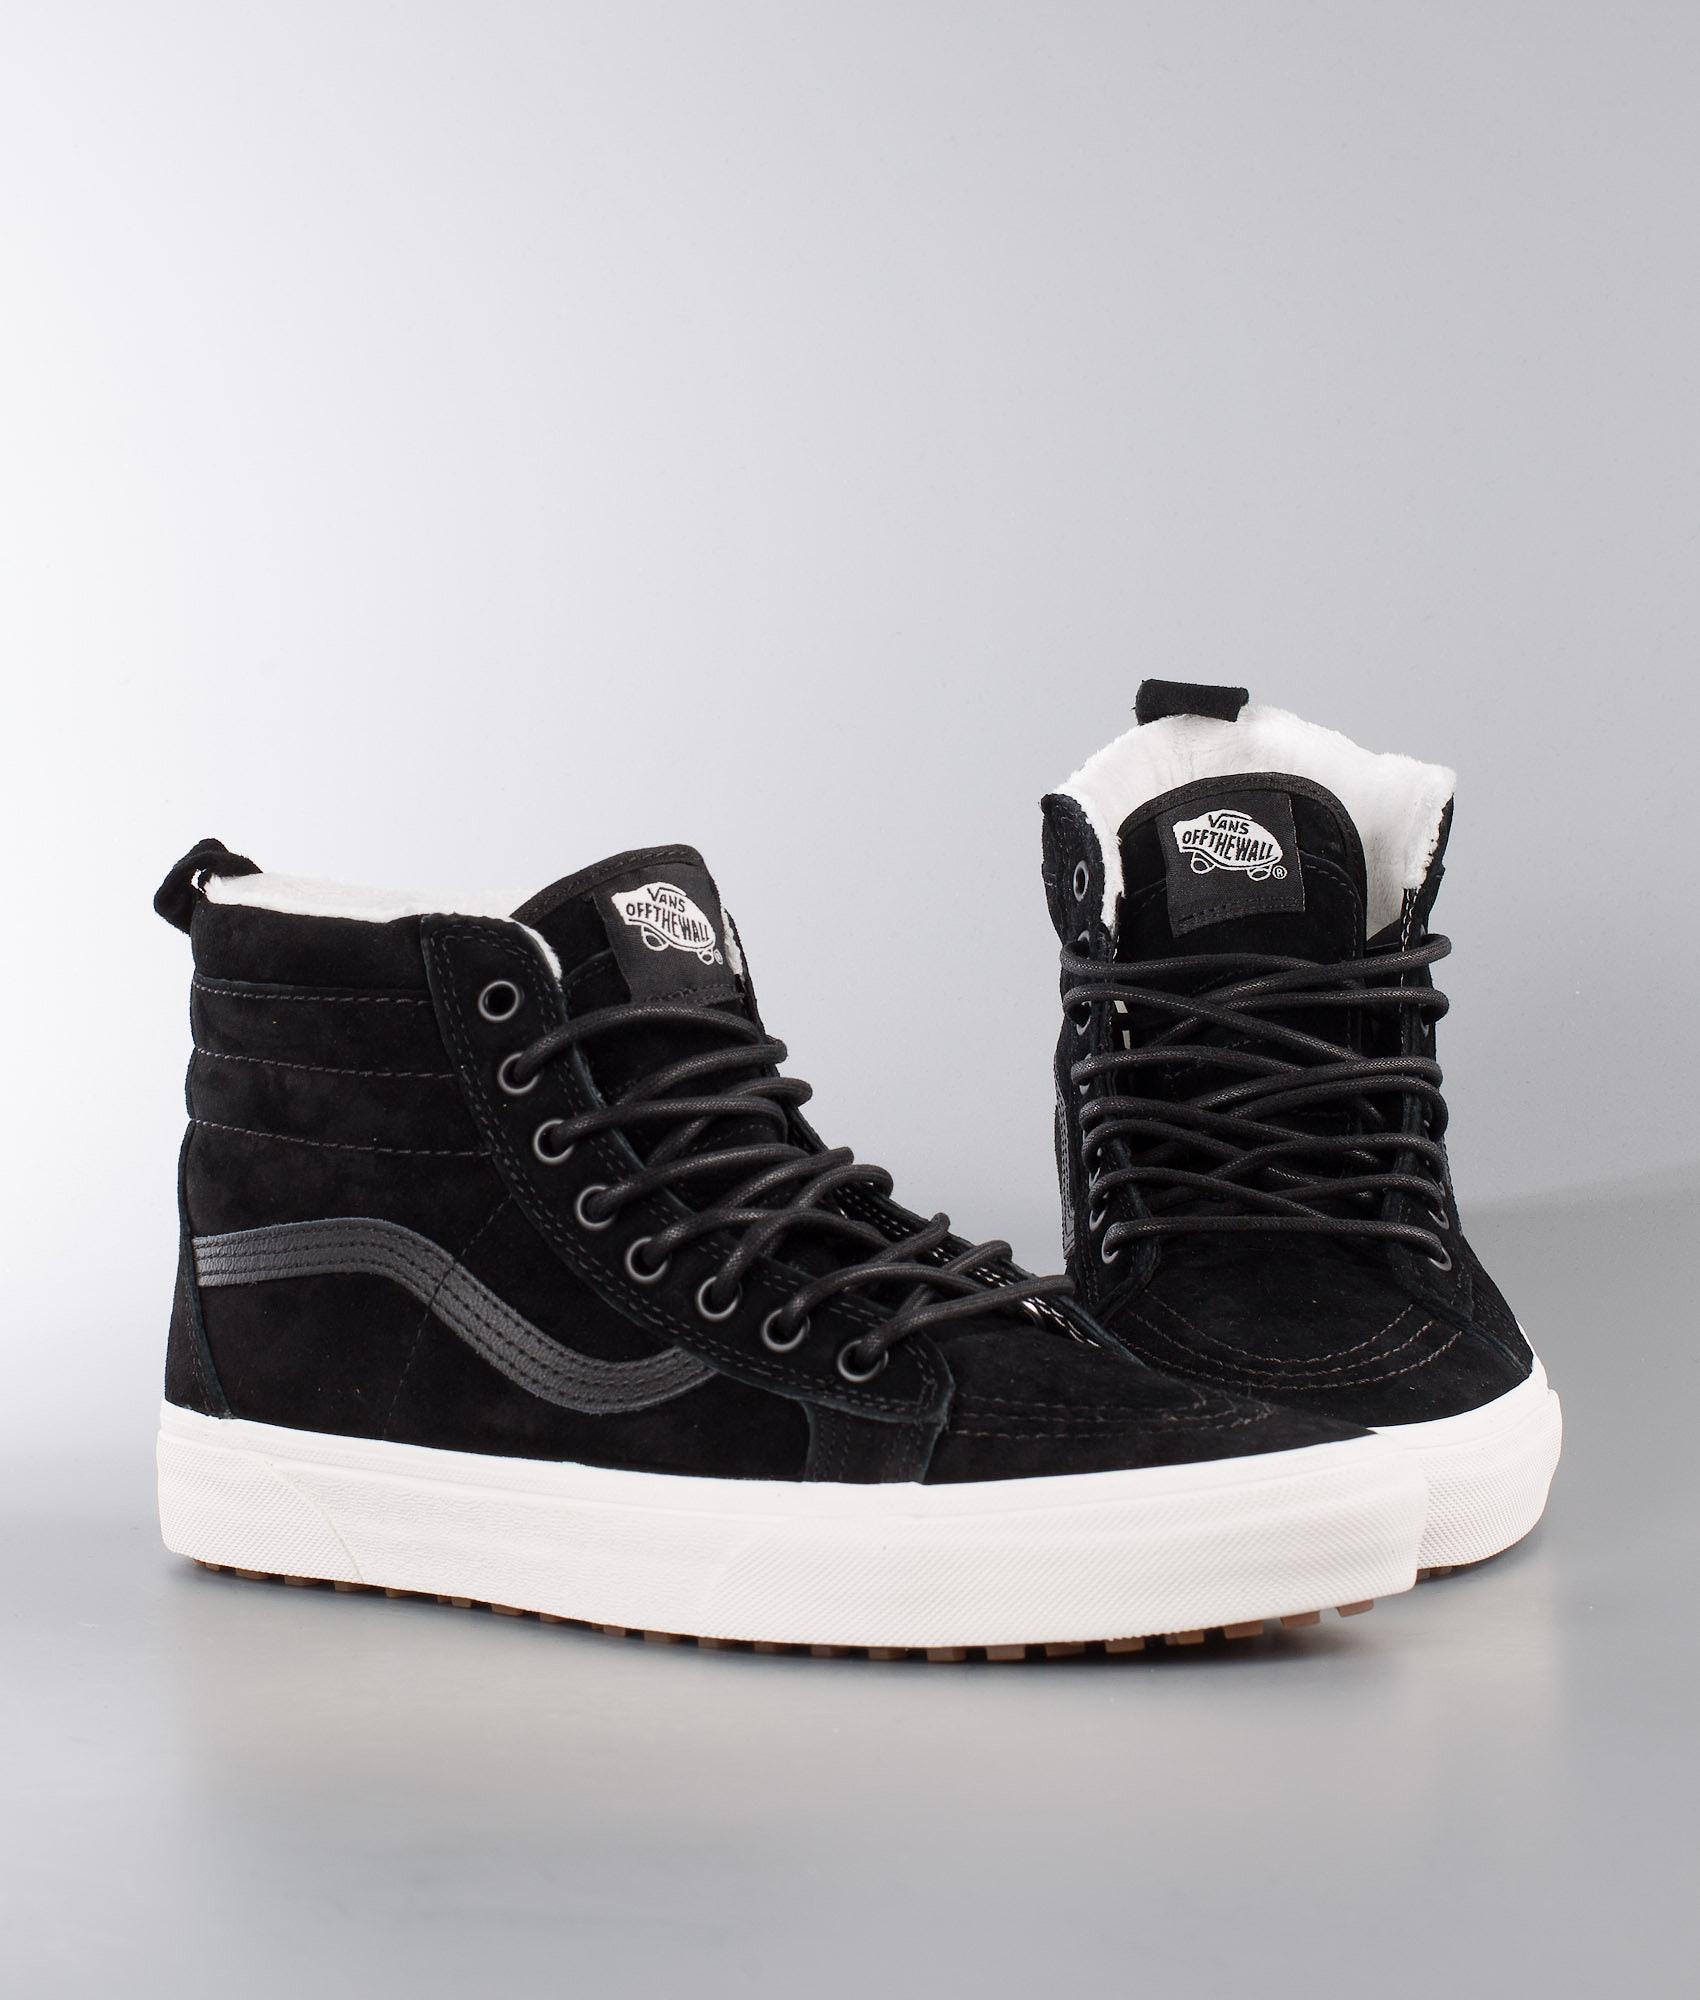 c33cfb4a04 Vans Sk8-Hi Mte Shoes (Mte) Black Black Marshmallow - Ridestore.com